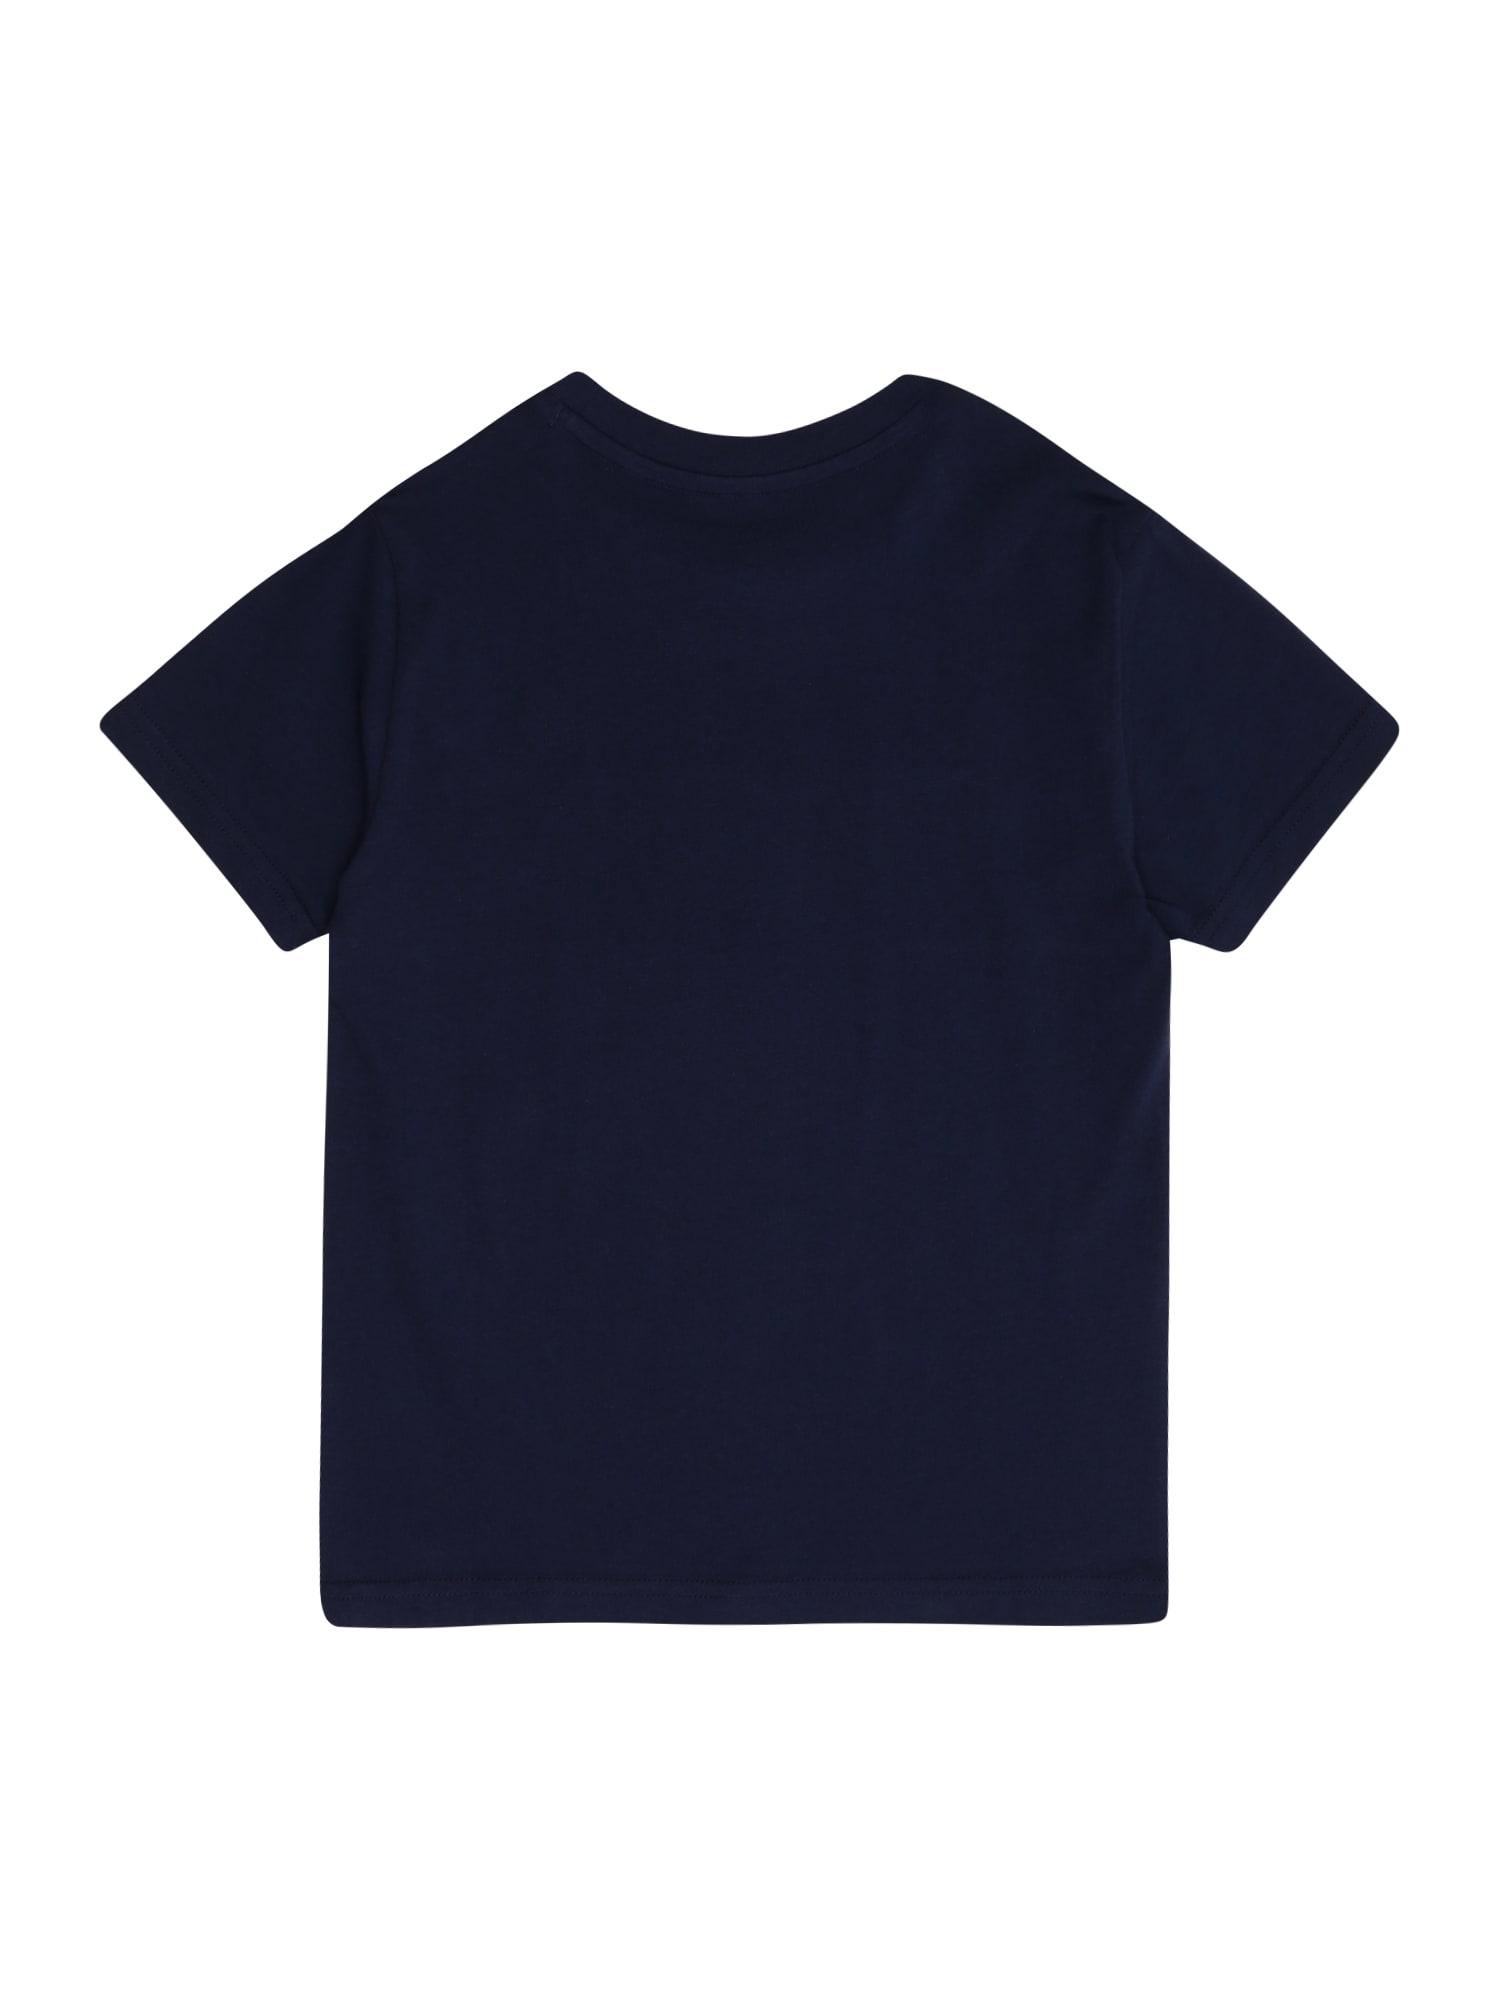 POLO RALPH LAUREN, Jongens Shirt, blauw - navy